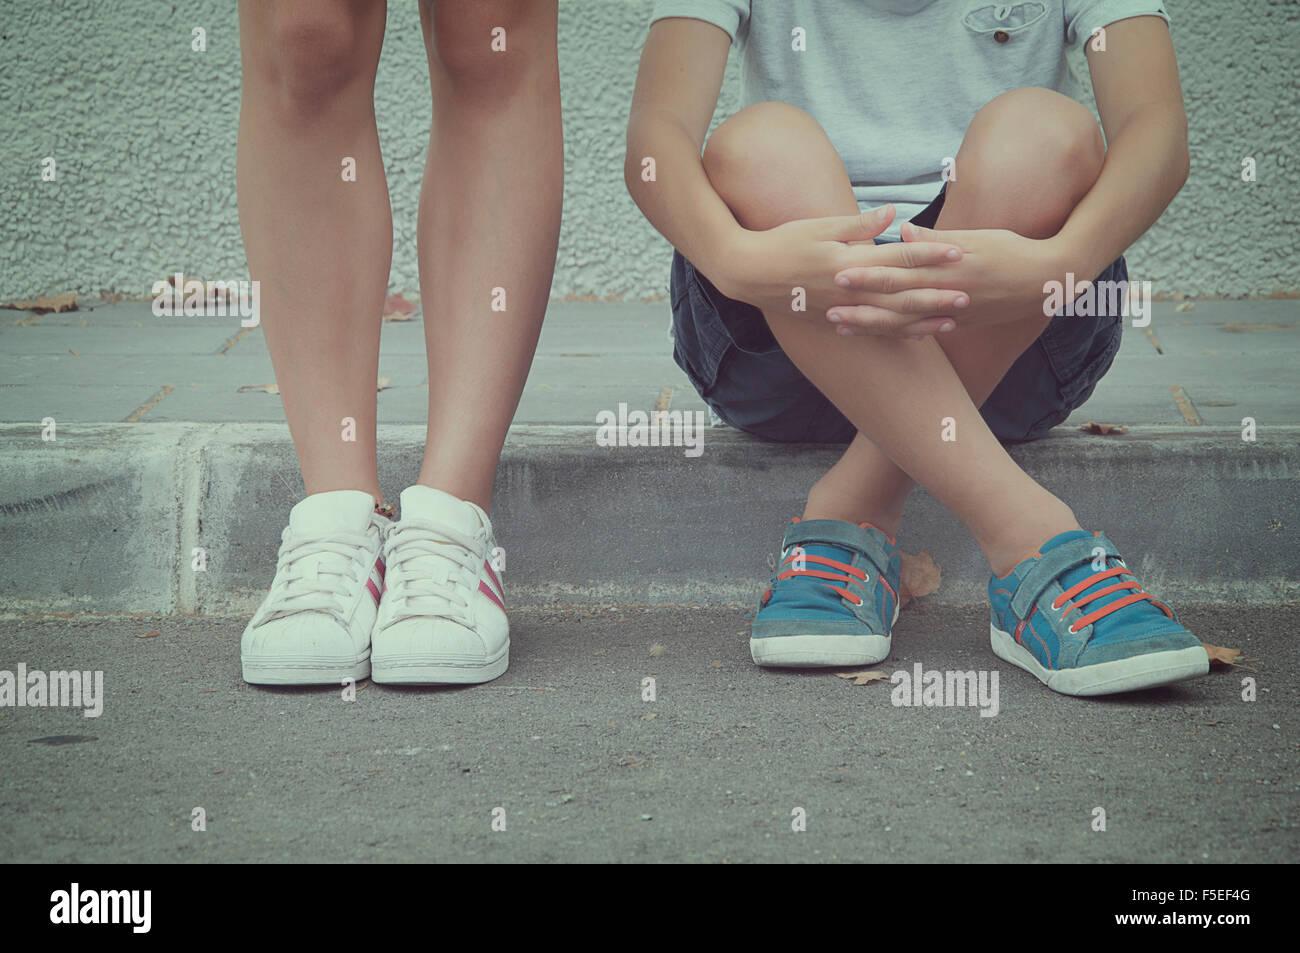 Nahaufnahme der beiden Teenager sitzen und stehen auf der Straße Stockbild